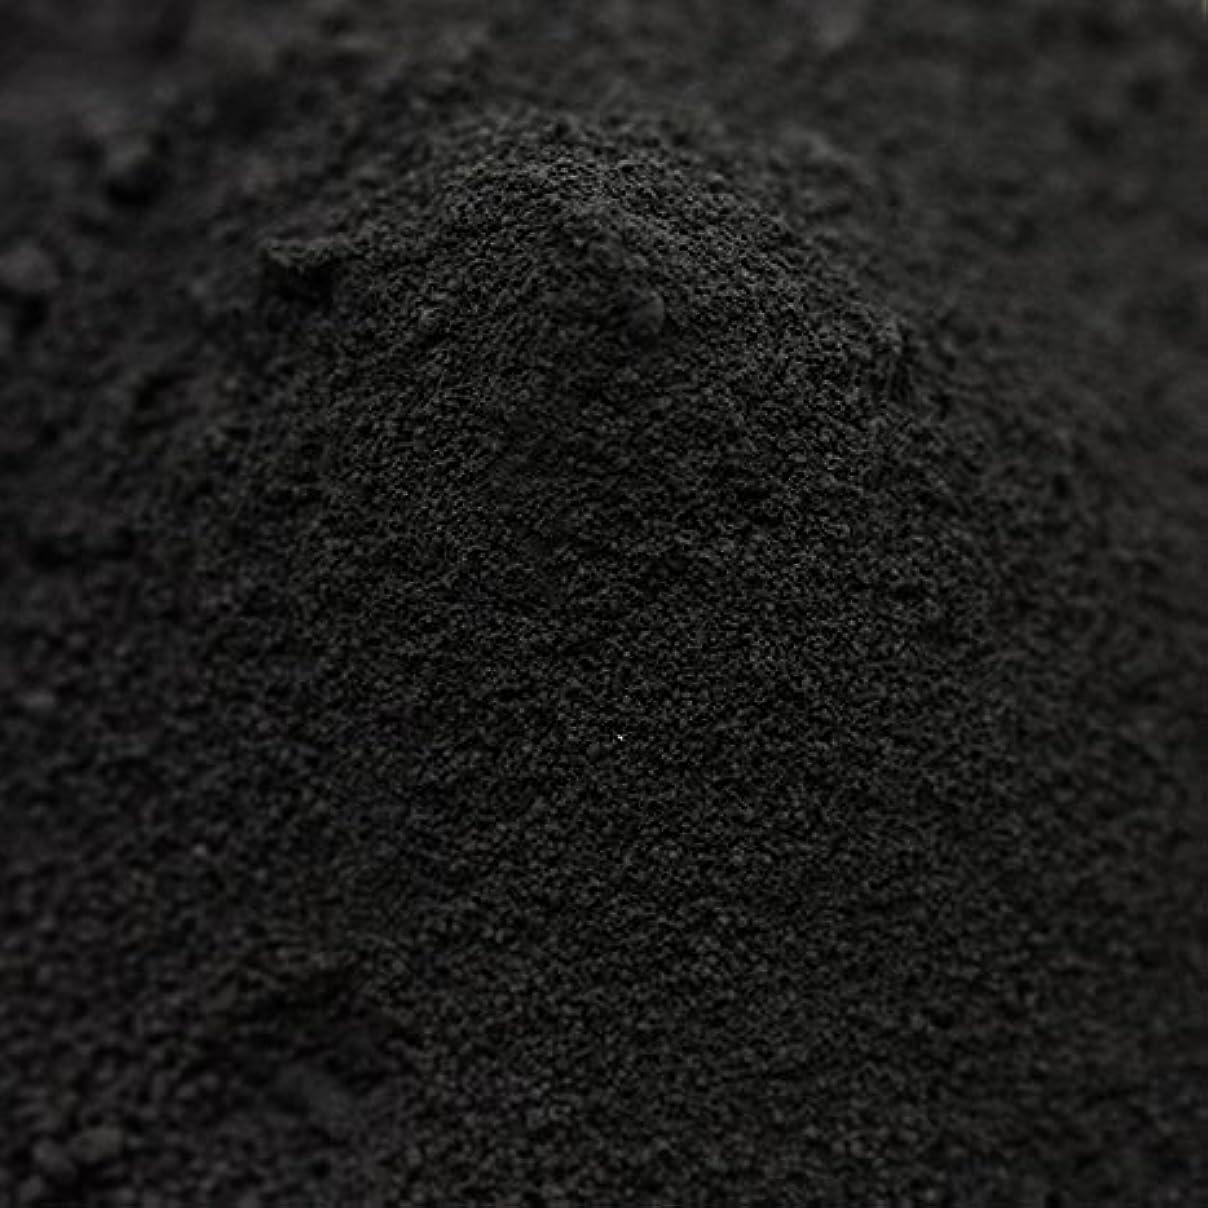 フィッティングかまど重要竹炭パウダー(超微粉末) 100g 【手作り石鹸/手作りコスメに】